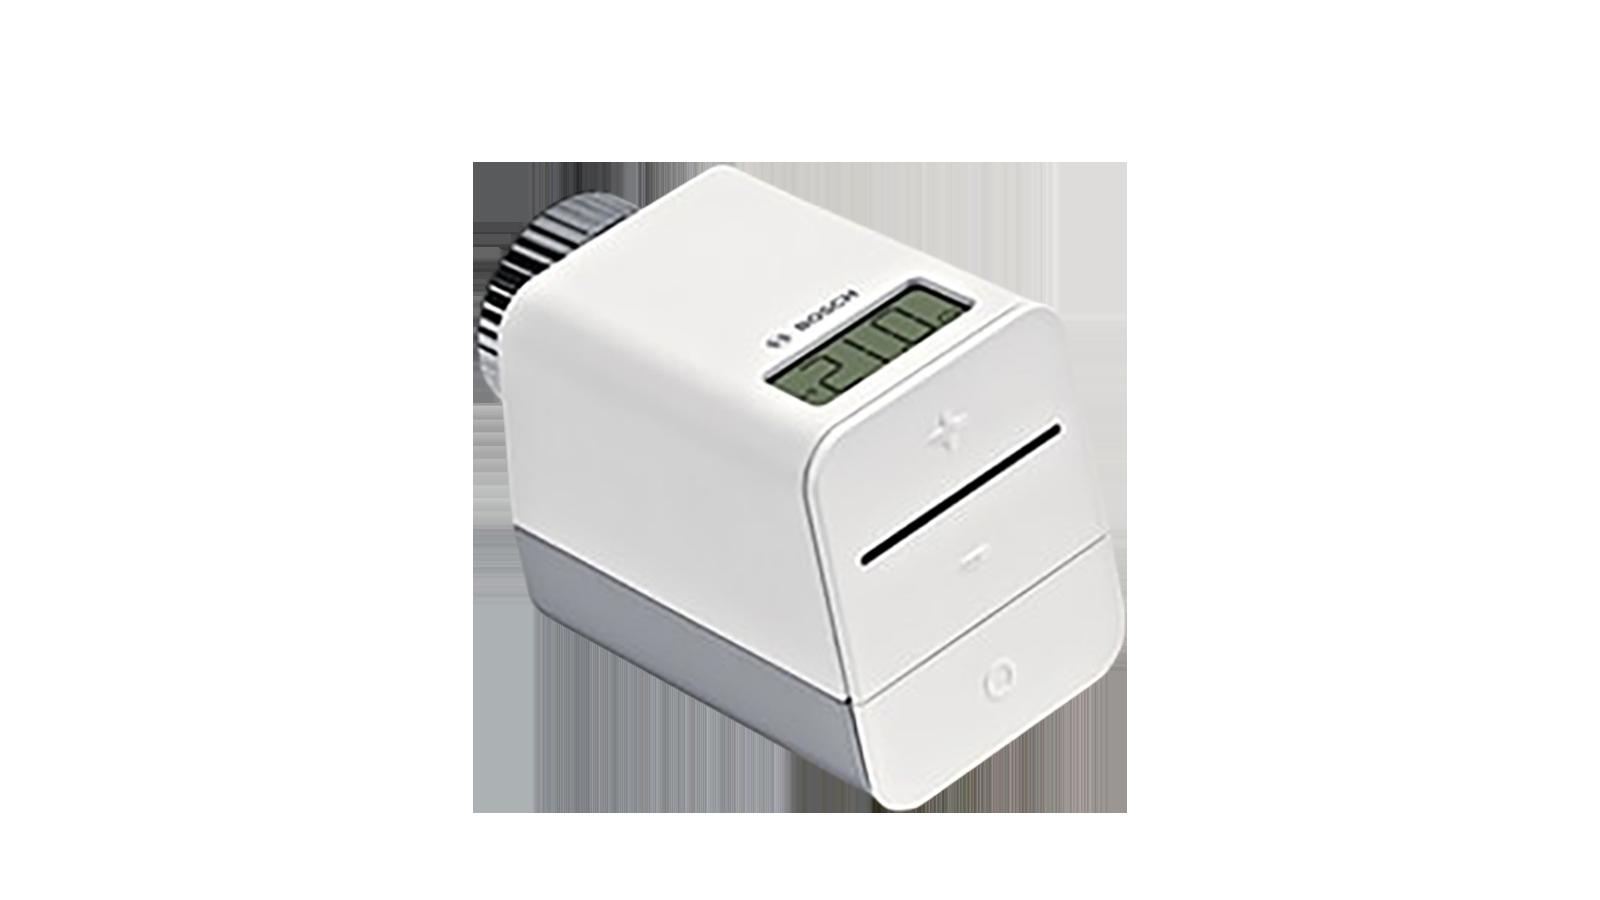 Teste termostatiche intelligenti